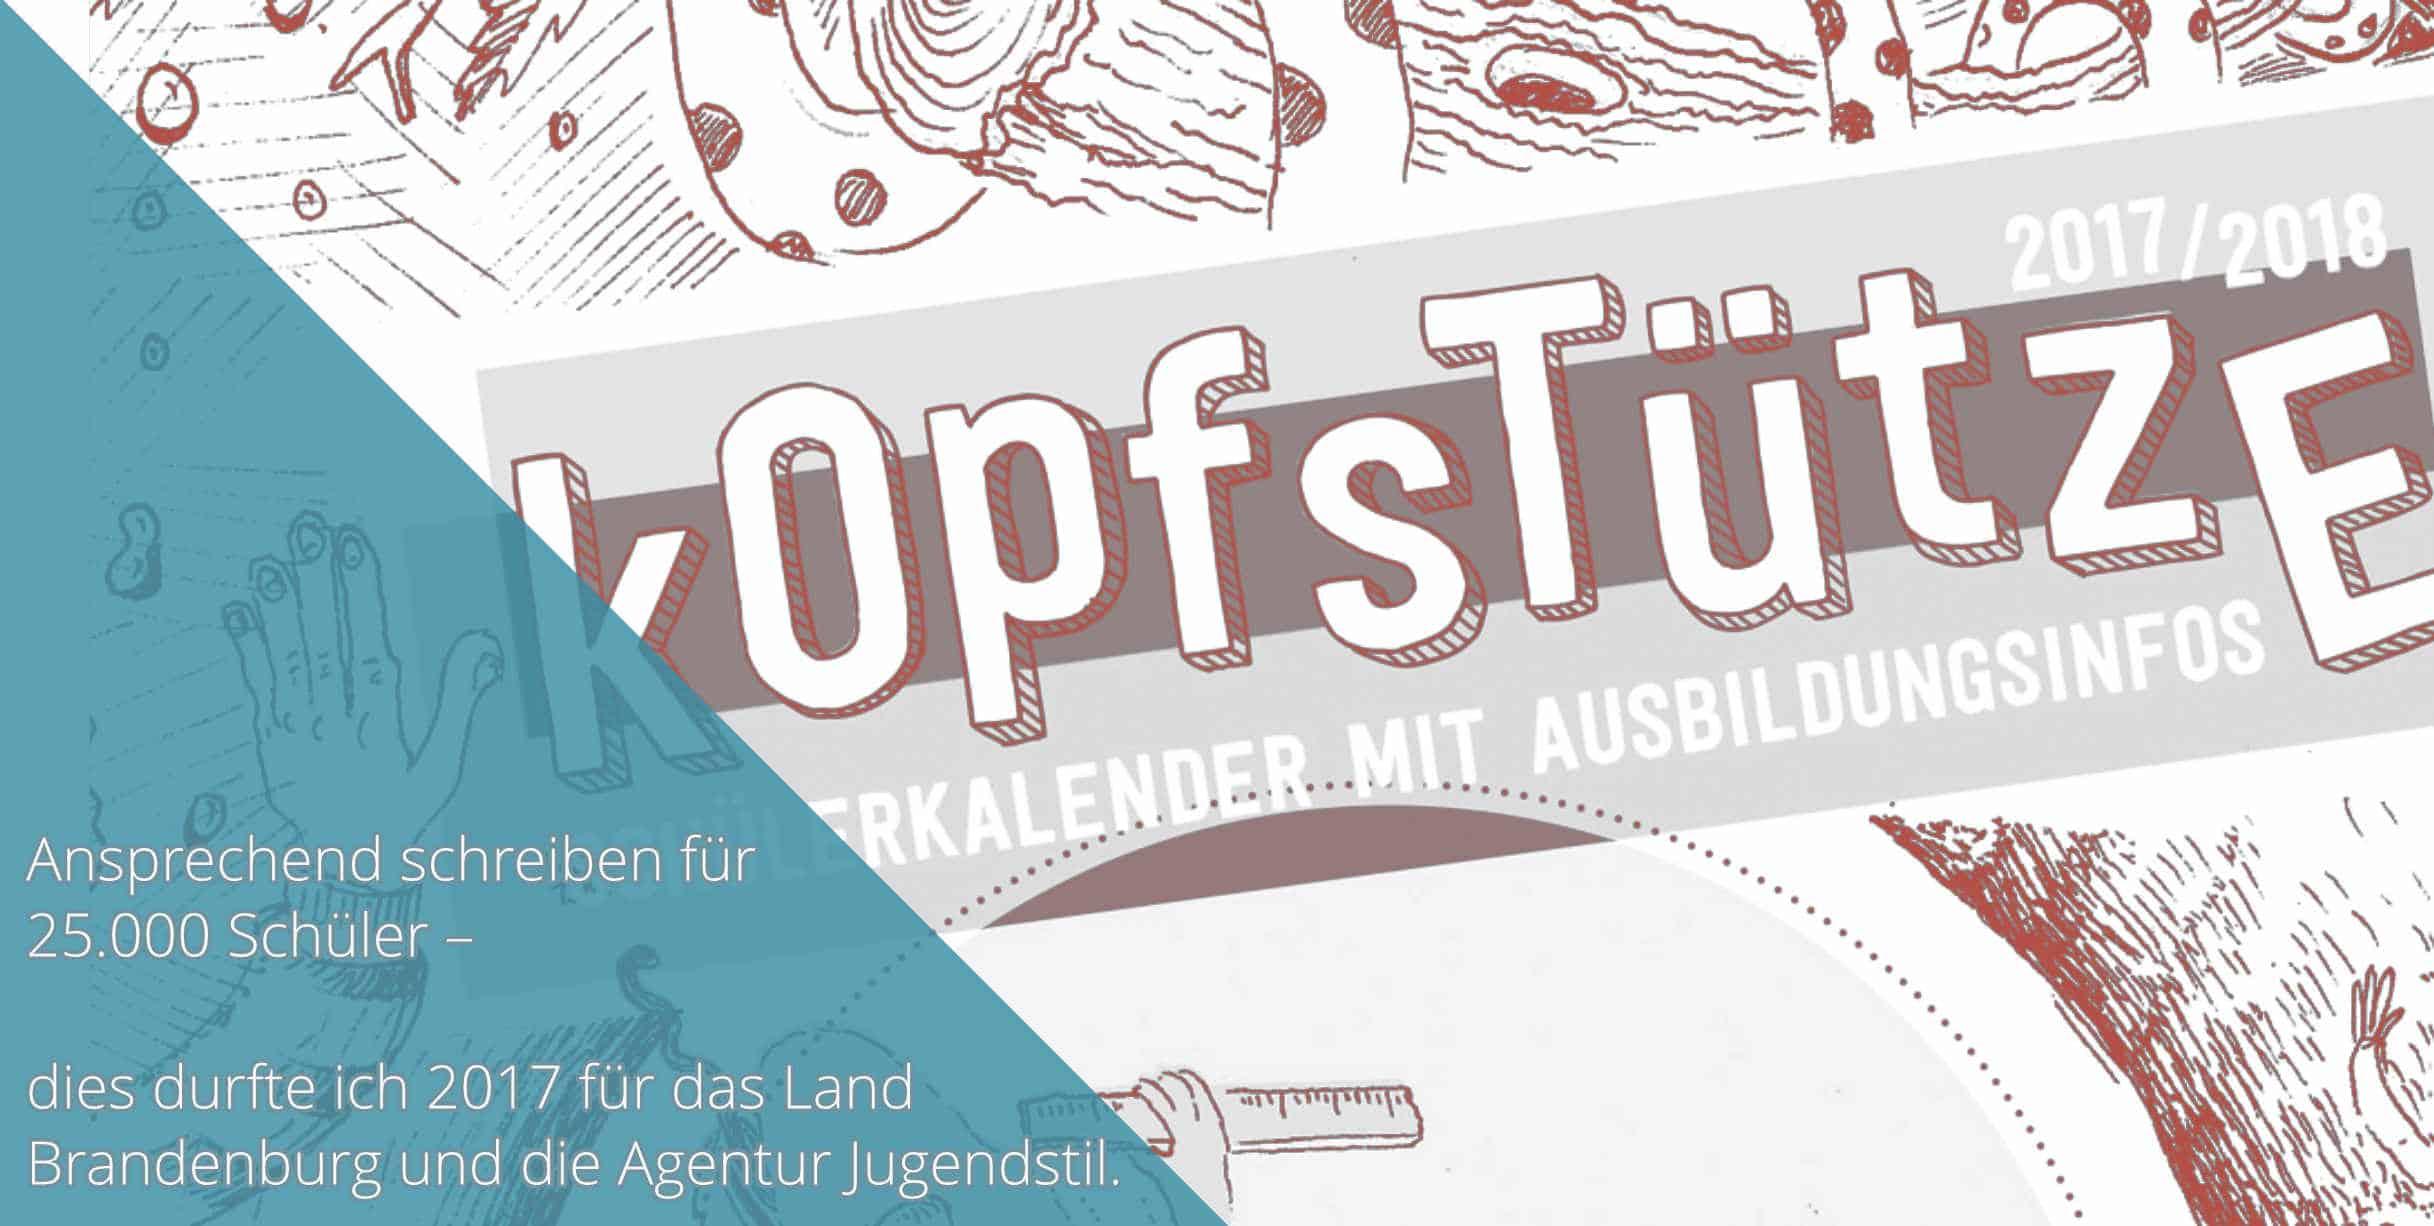 Kopfstütze Schülerkalender 2017 Arbeitsprobe Tim Allgaier Texter PR Freelancer Werbetexter Köln